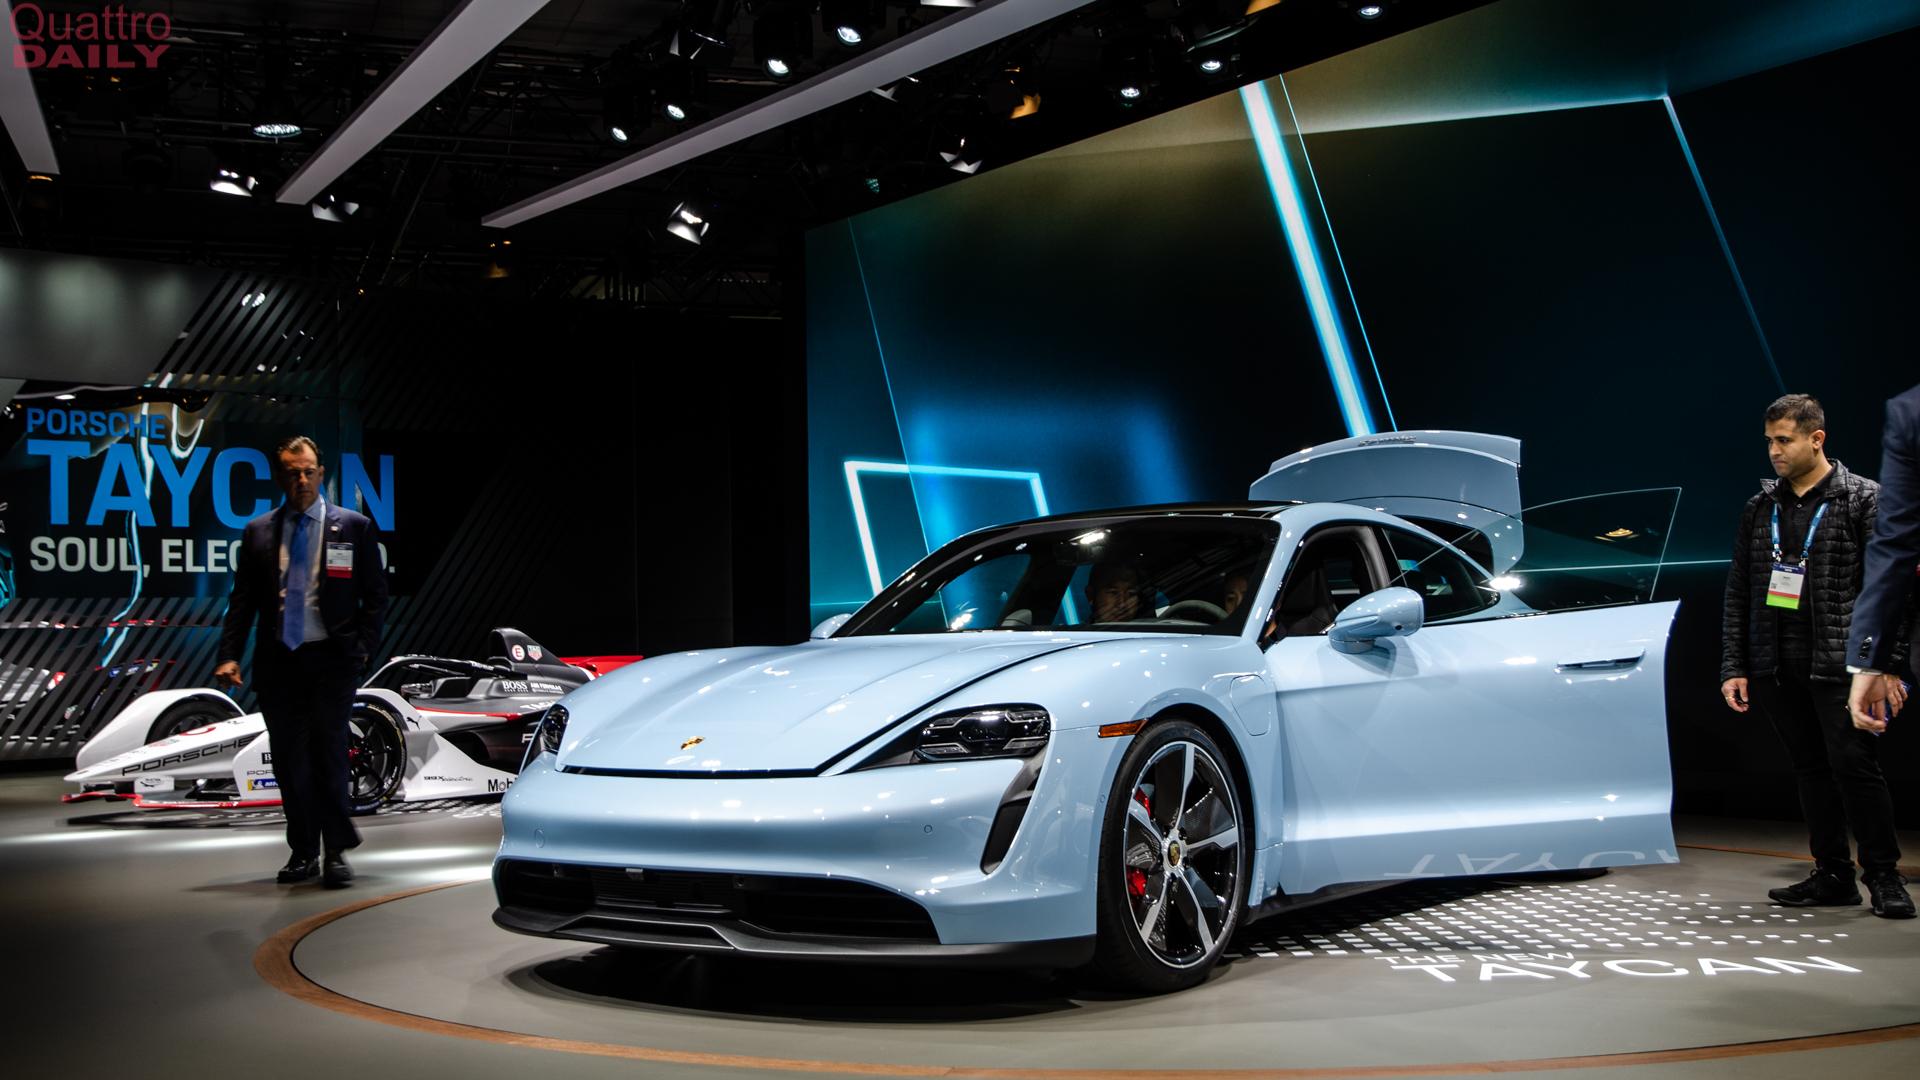 Porsche Taycan 4S LA Auto Show 1 of 10